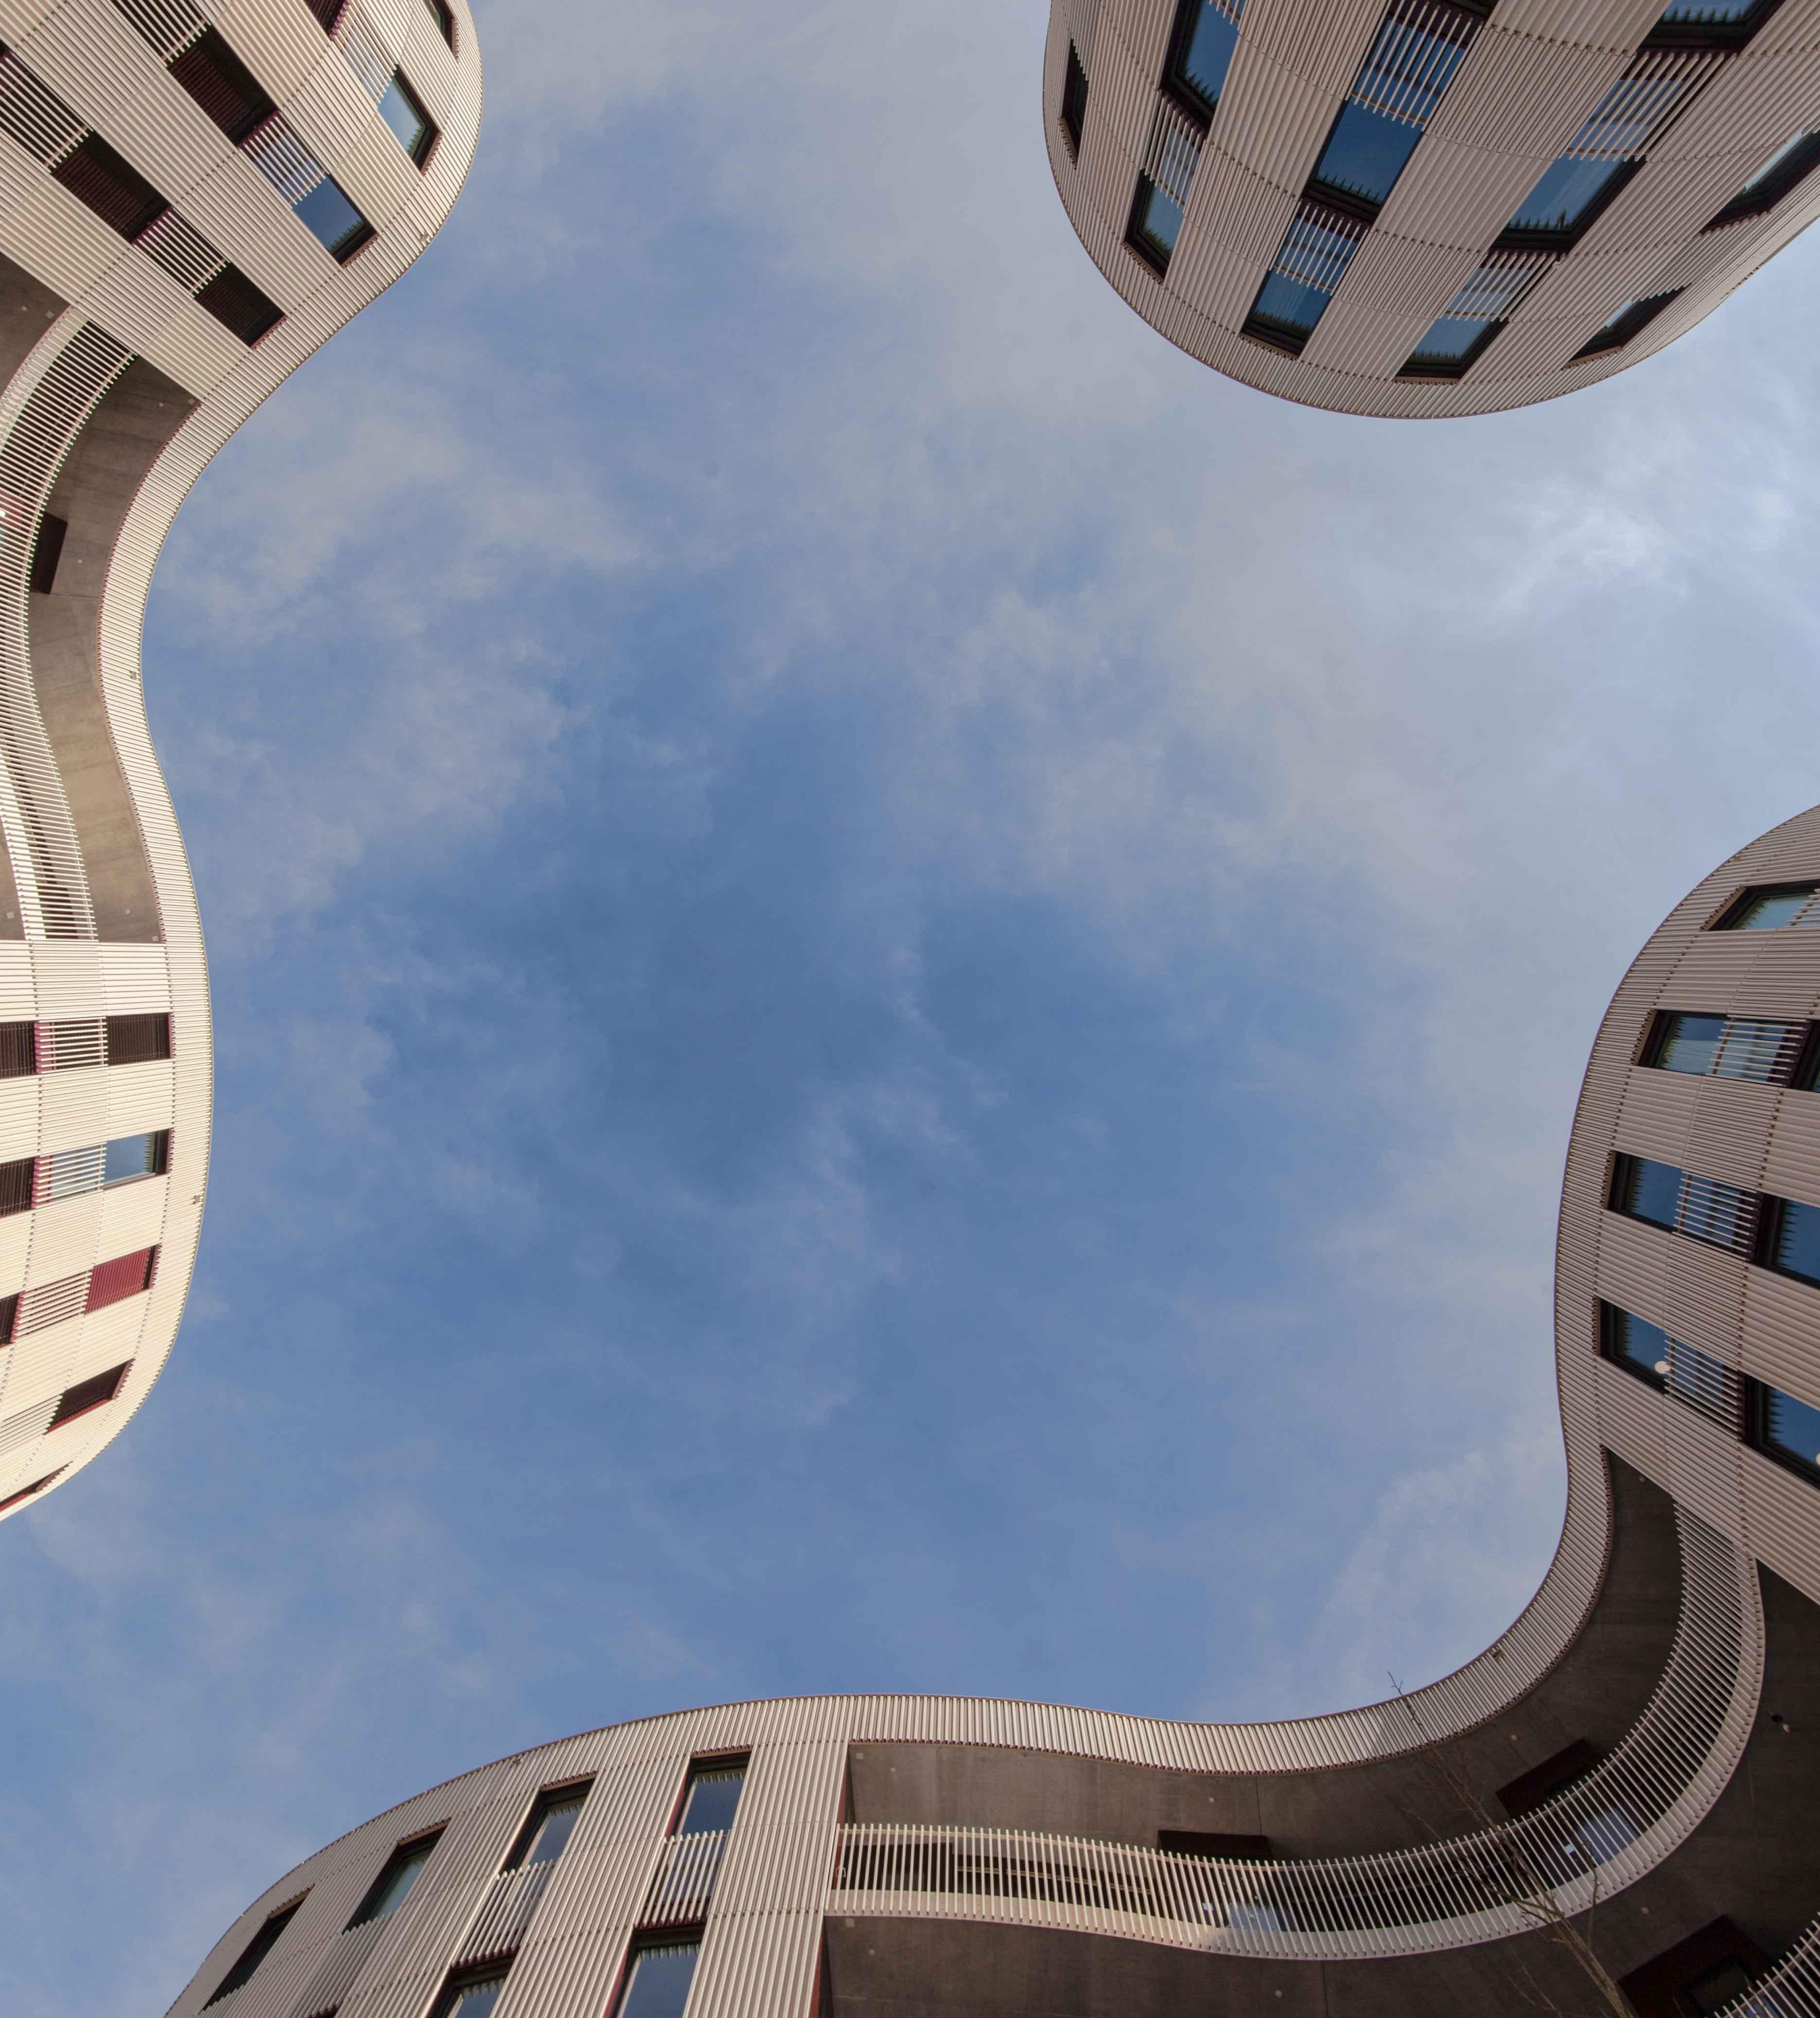 student-housings-ethz-in-zurich-architektick-architects-lerichti